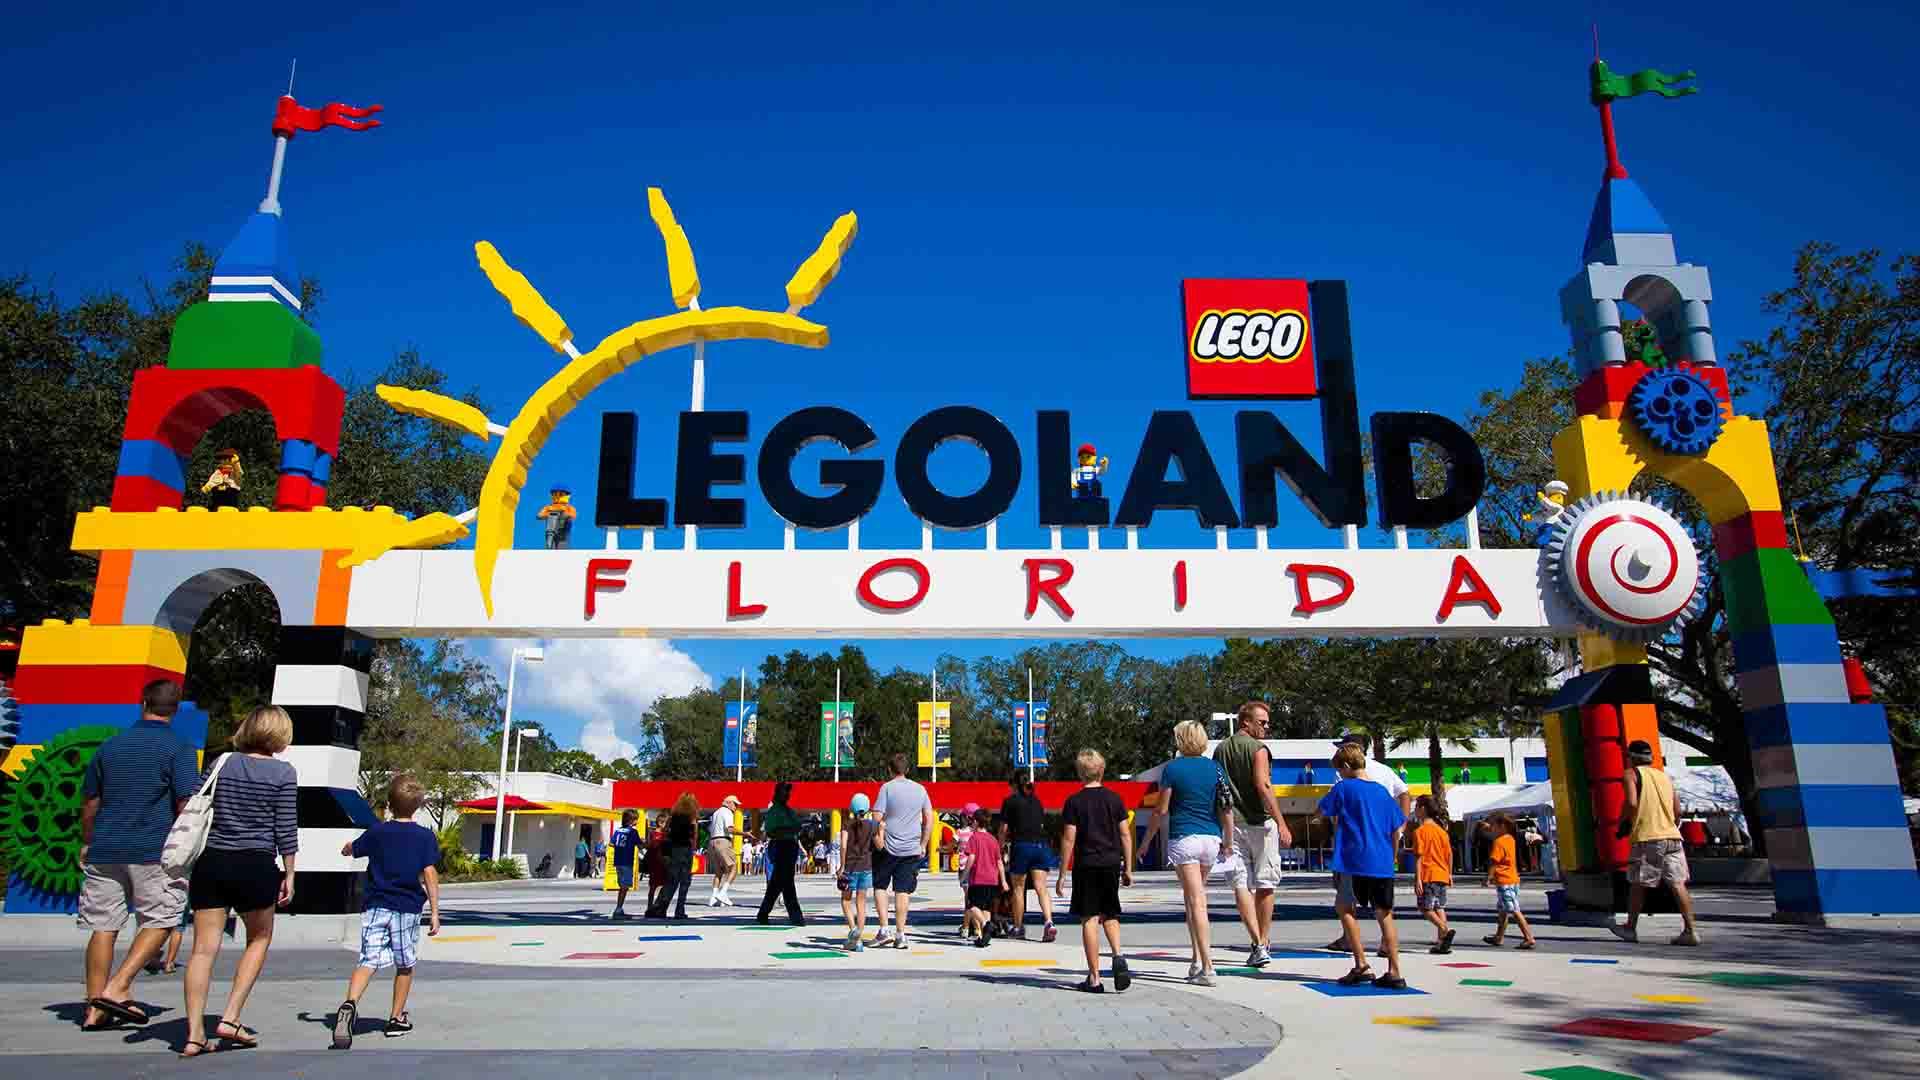 parque temático Legoland cerrado por amenaza de bomba